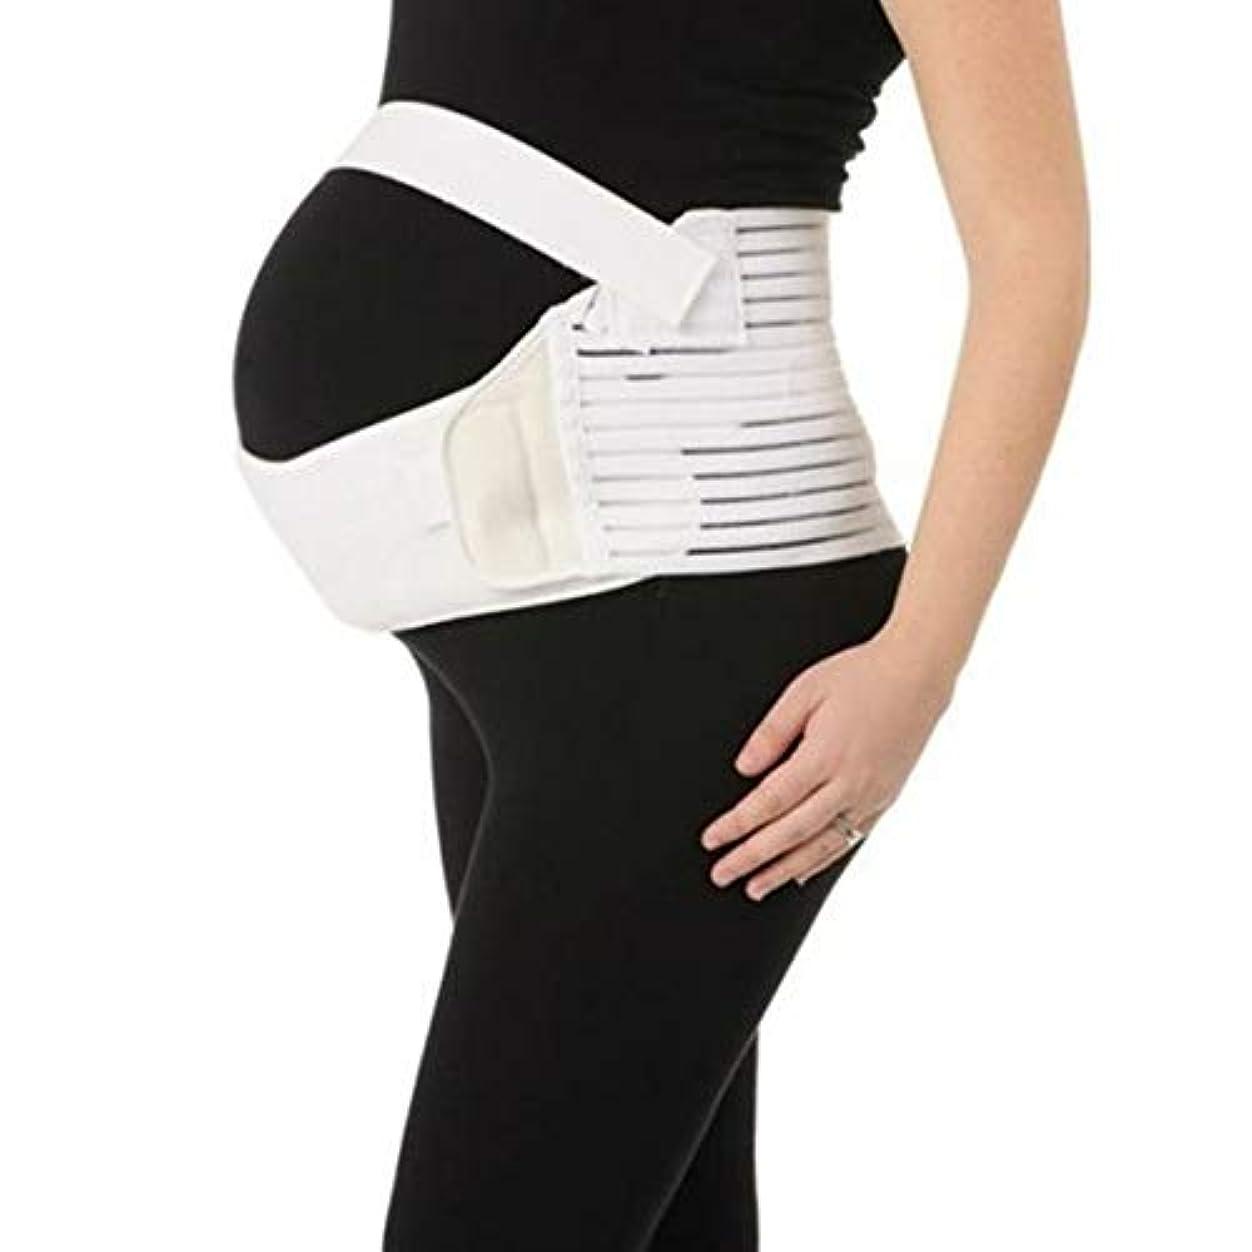 ワイヤー小切手アグネスグレイ通気性産科ベルト妊娠腹部サポート腹部バインダーガードル運動包帯産後の回復形状ウェア - ホワイトM